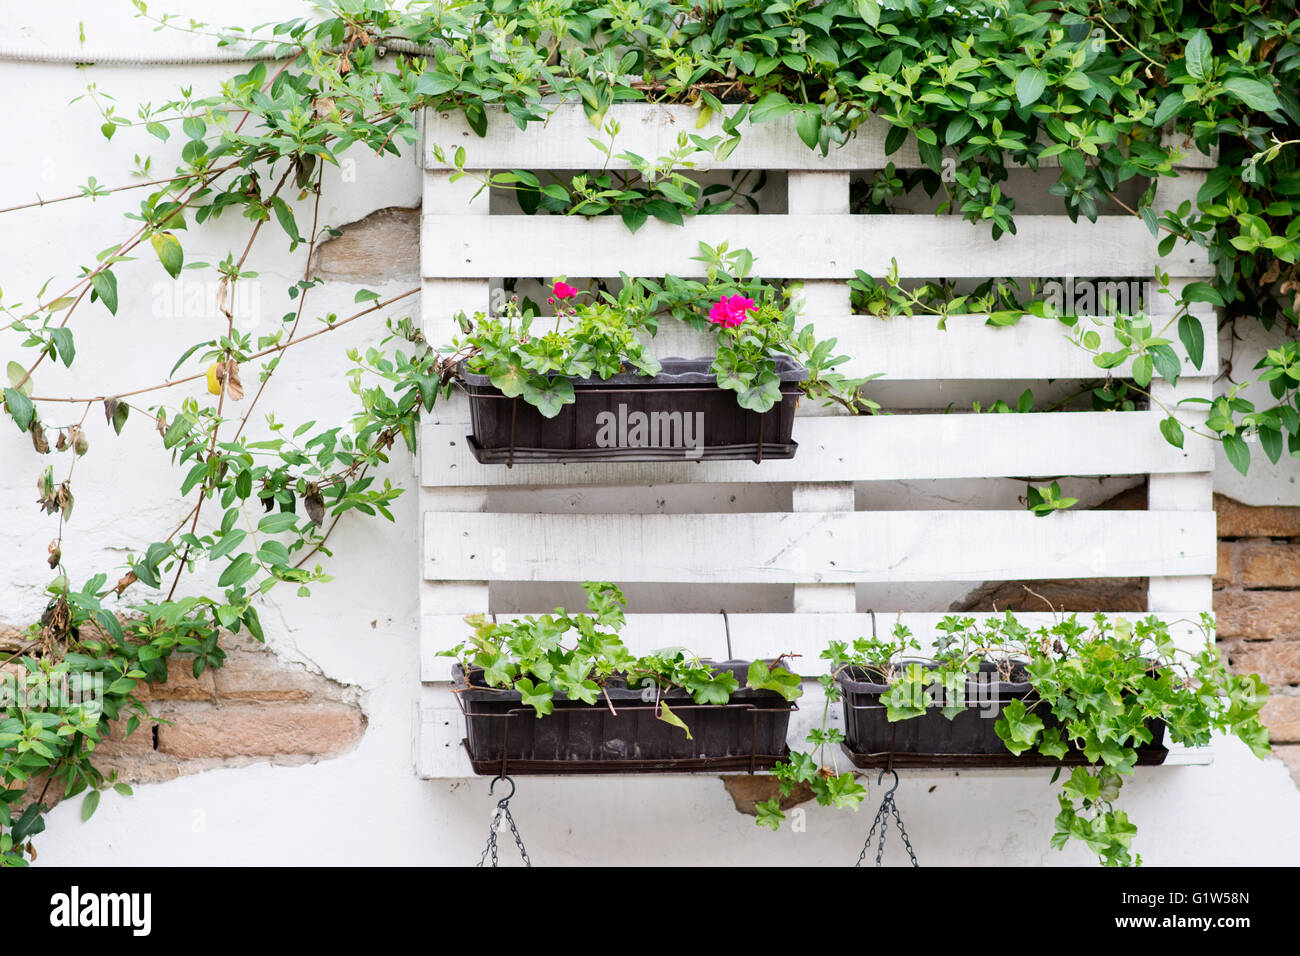 Idee Per Vasi Da Fiori idee interessanti per il giardinaggio utilizzando pallet